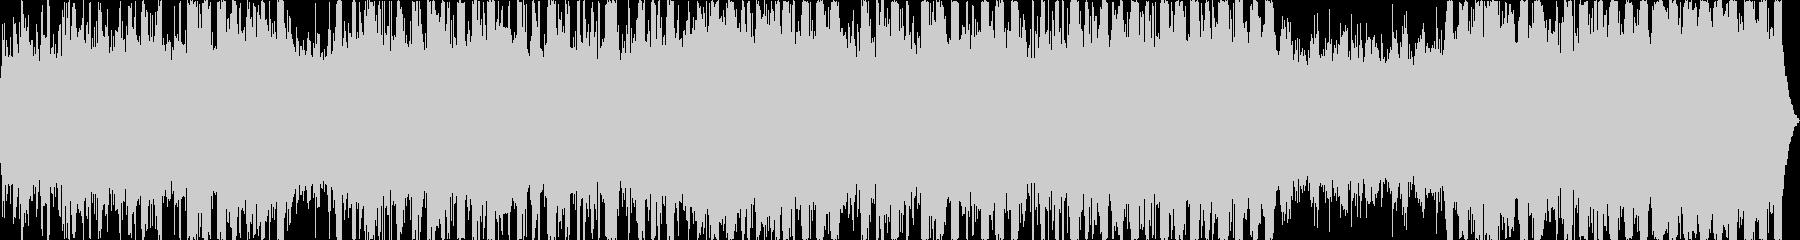 シーケンス 電子01の未再生の波形